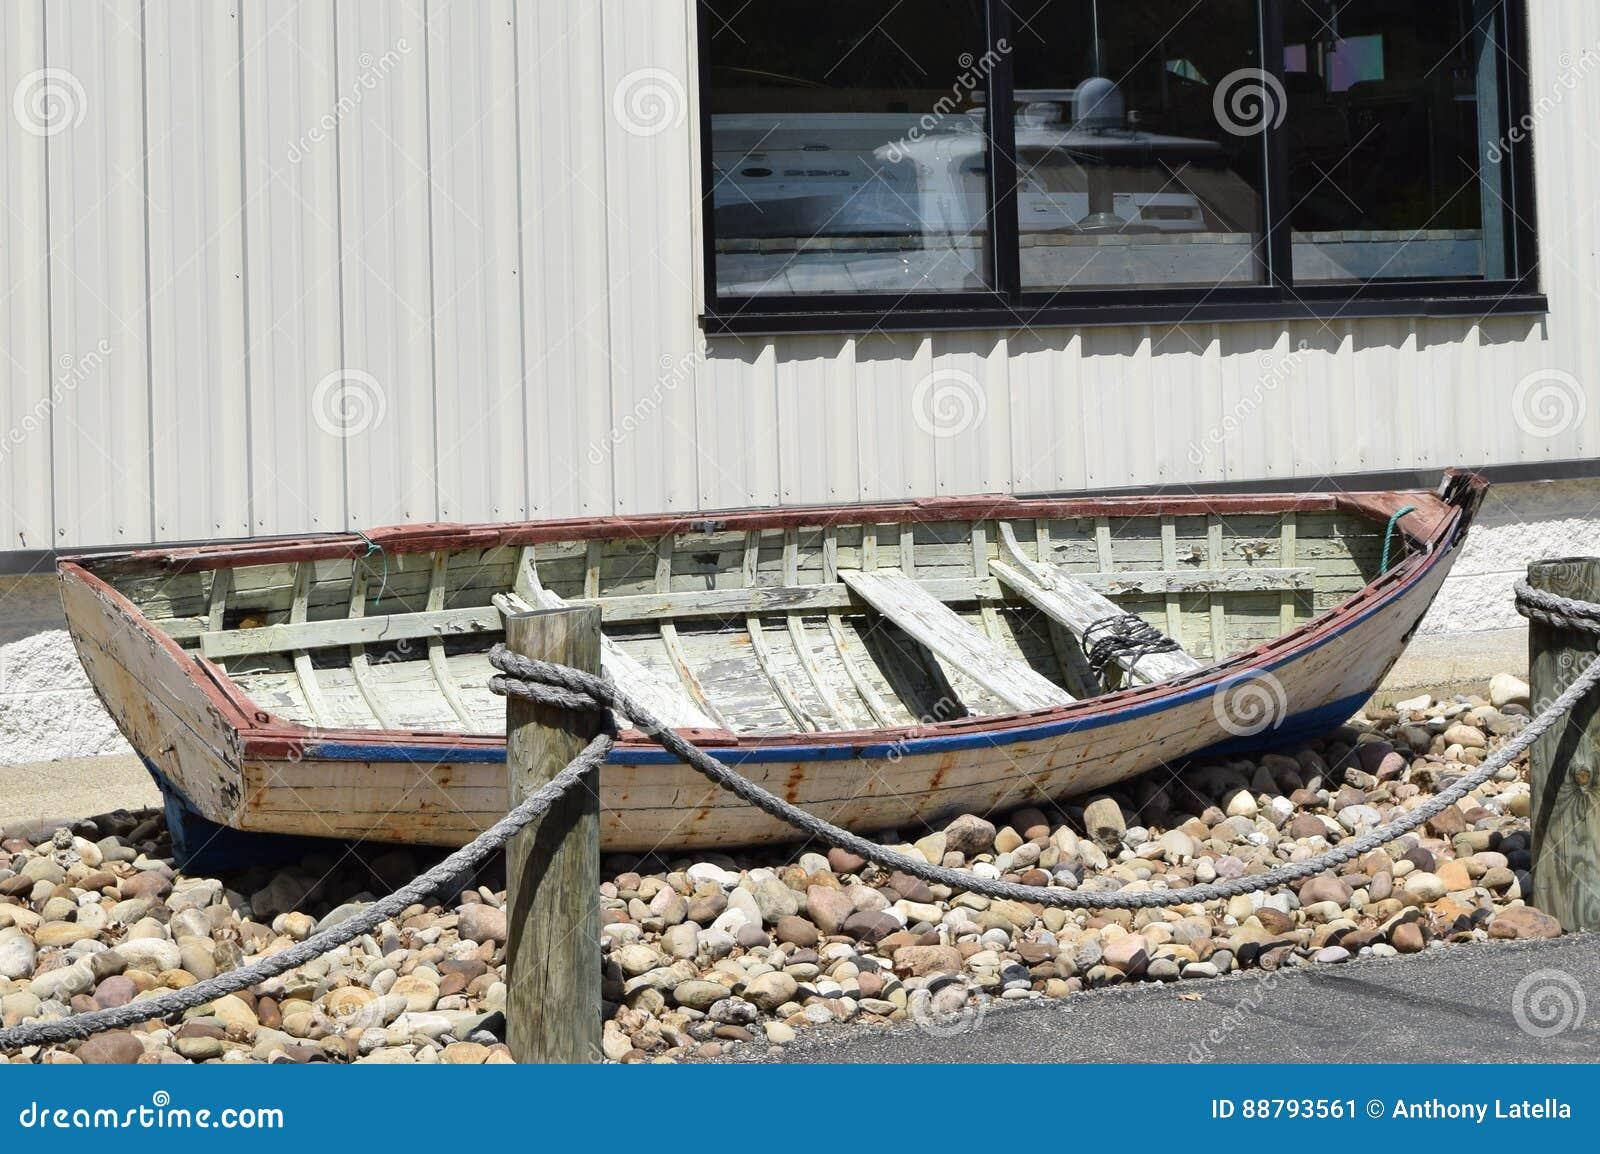 Amazon.com: wooden oars